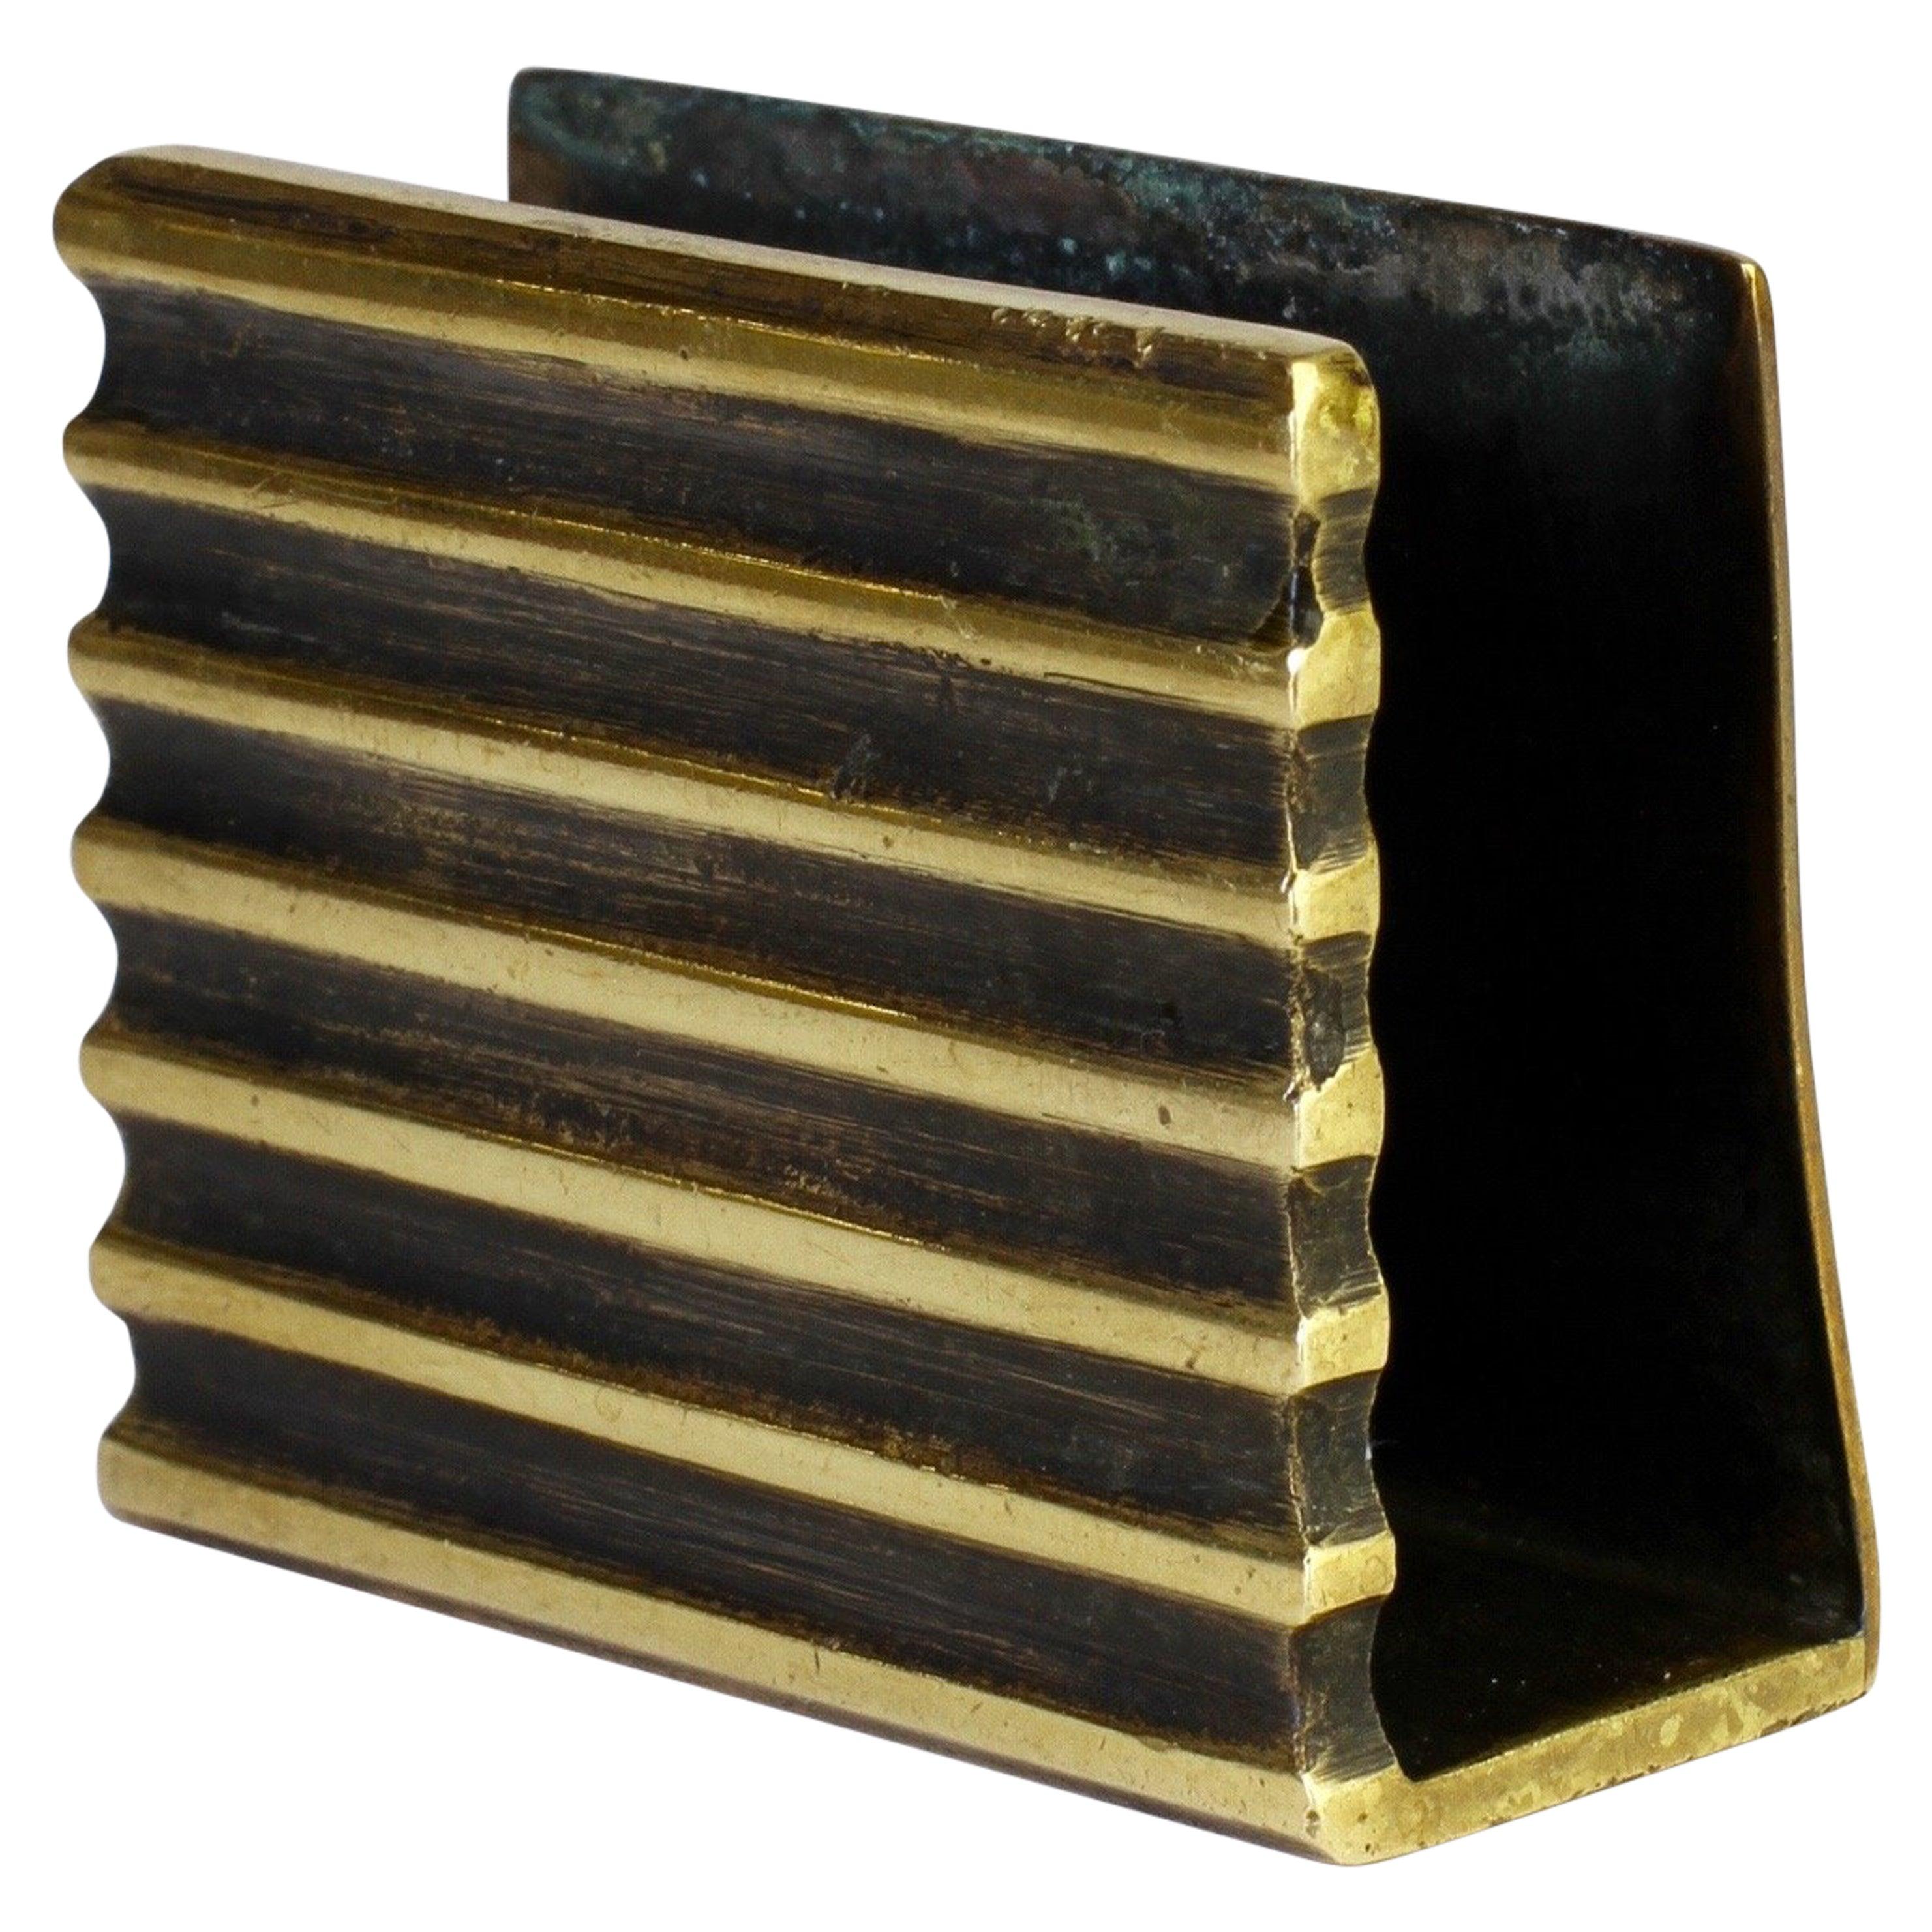 Rare Austrian Brass Matchbox Holder by Walter Bosse, circa 1954